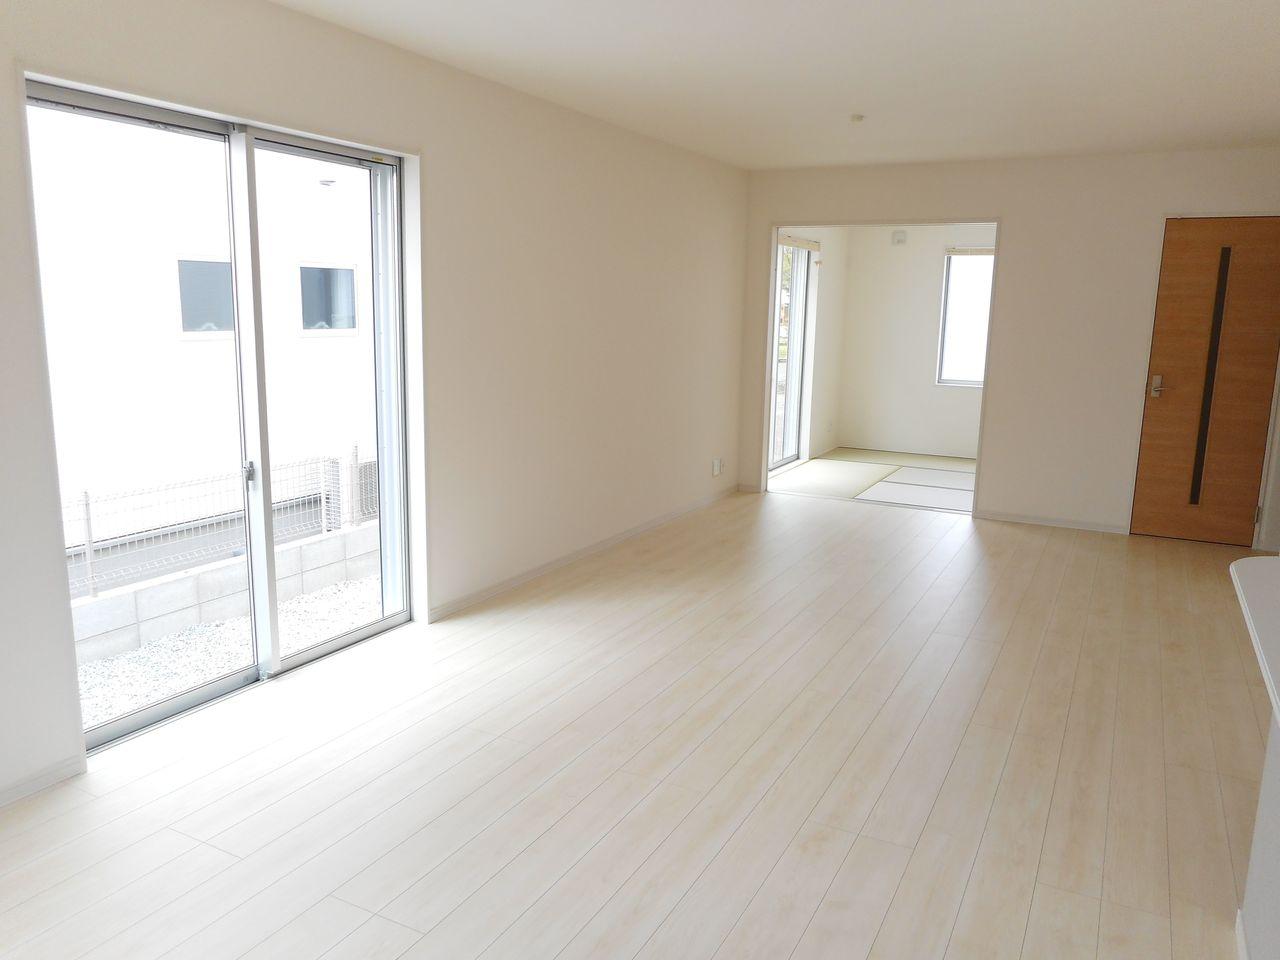 南向きの明るいリビングは和室と 合わせて24.5帖の大きな空間です。 (同社施工例)